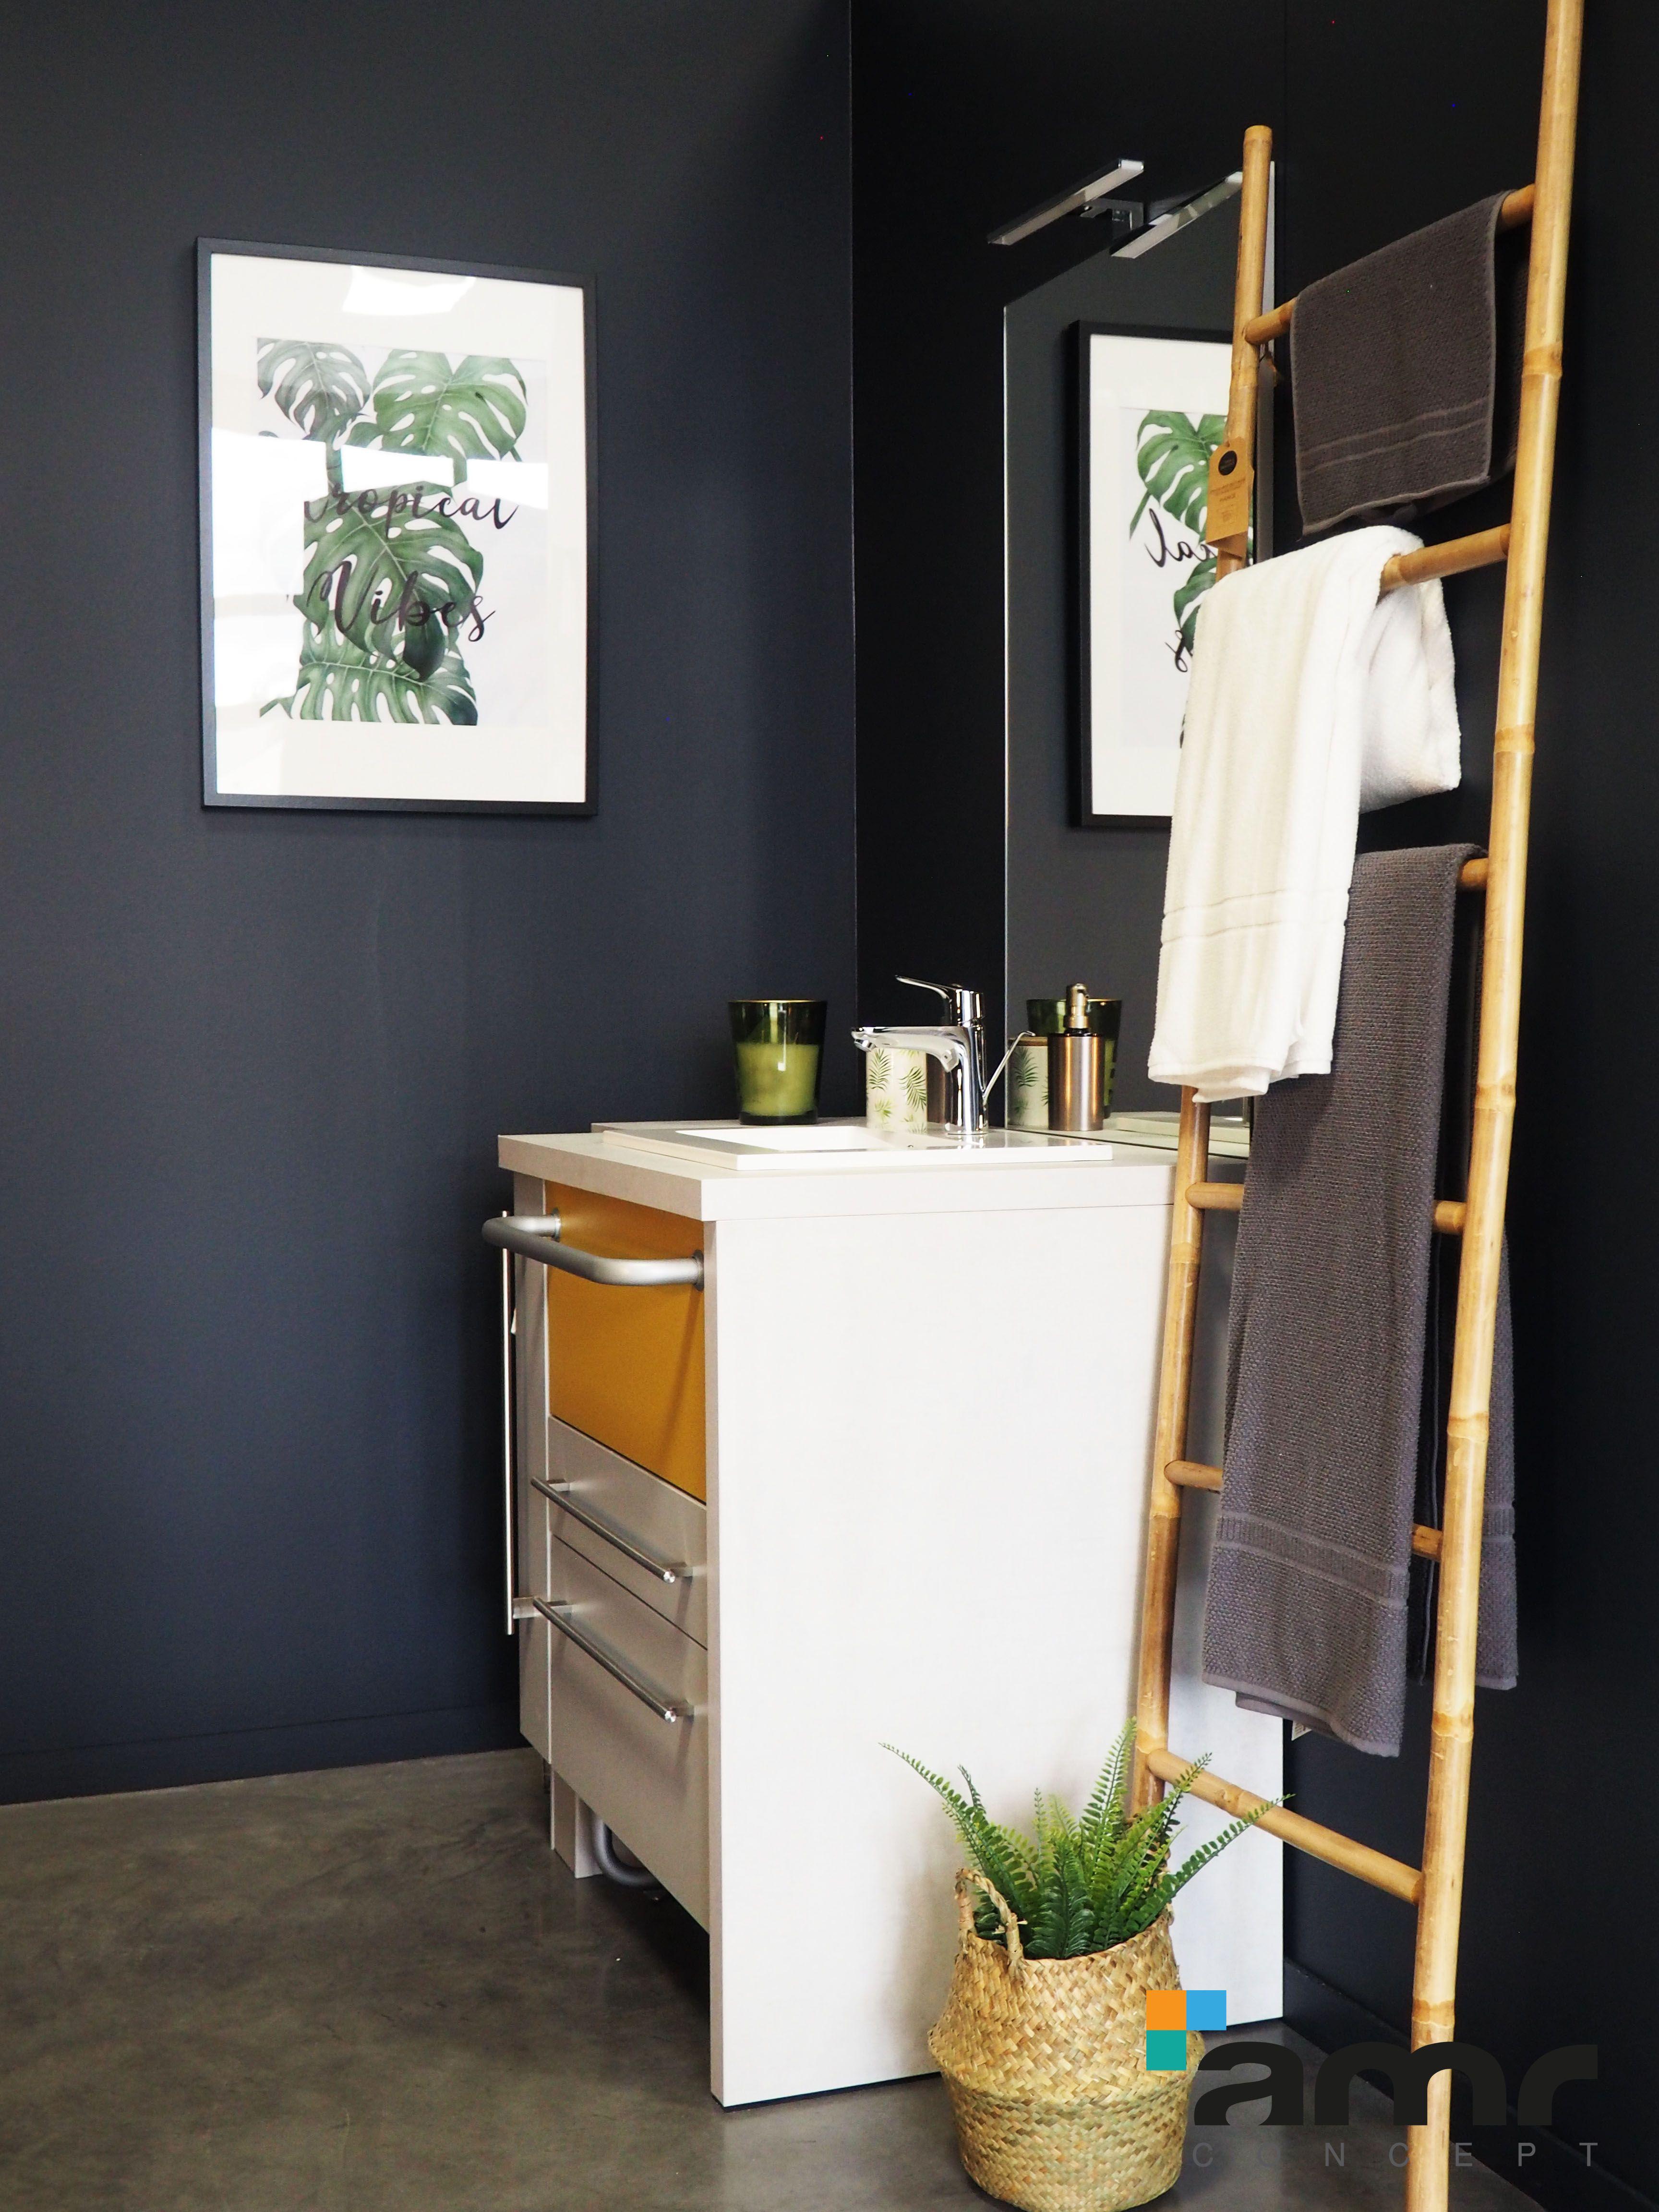 Meubles Salle De Bain Personnes Handicapées salle de bain adapté avec meuble sit up parfait pour l